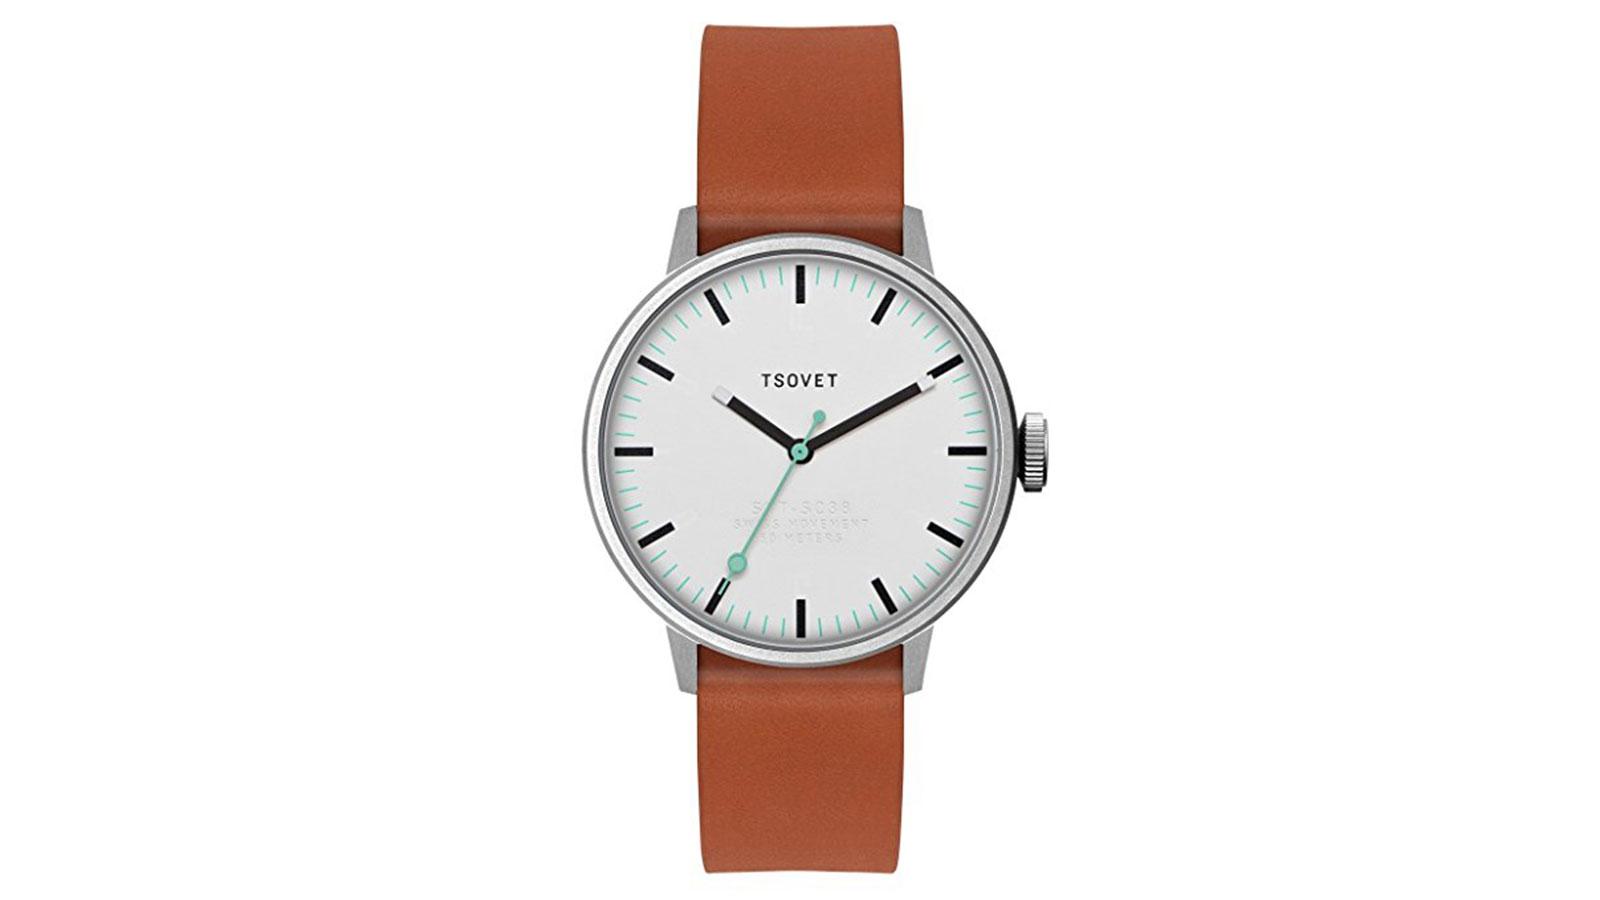 Tsovet SVT-SC38 Watch | best men's watches under $300